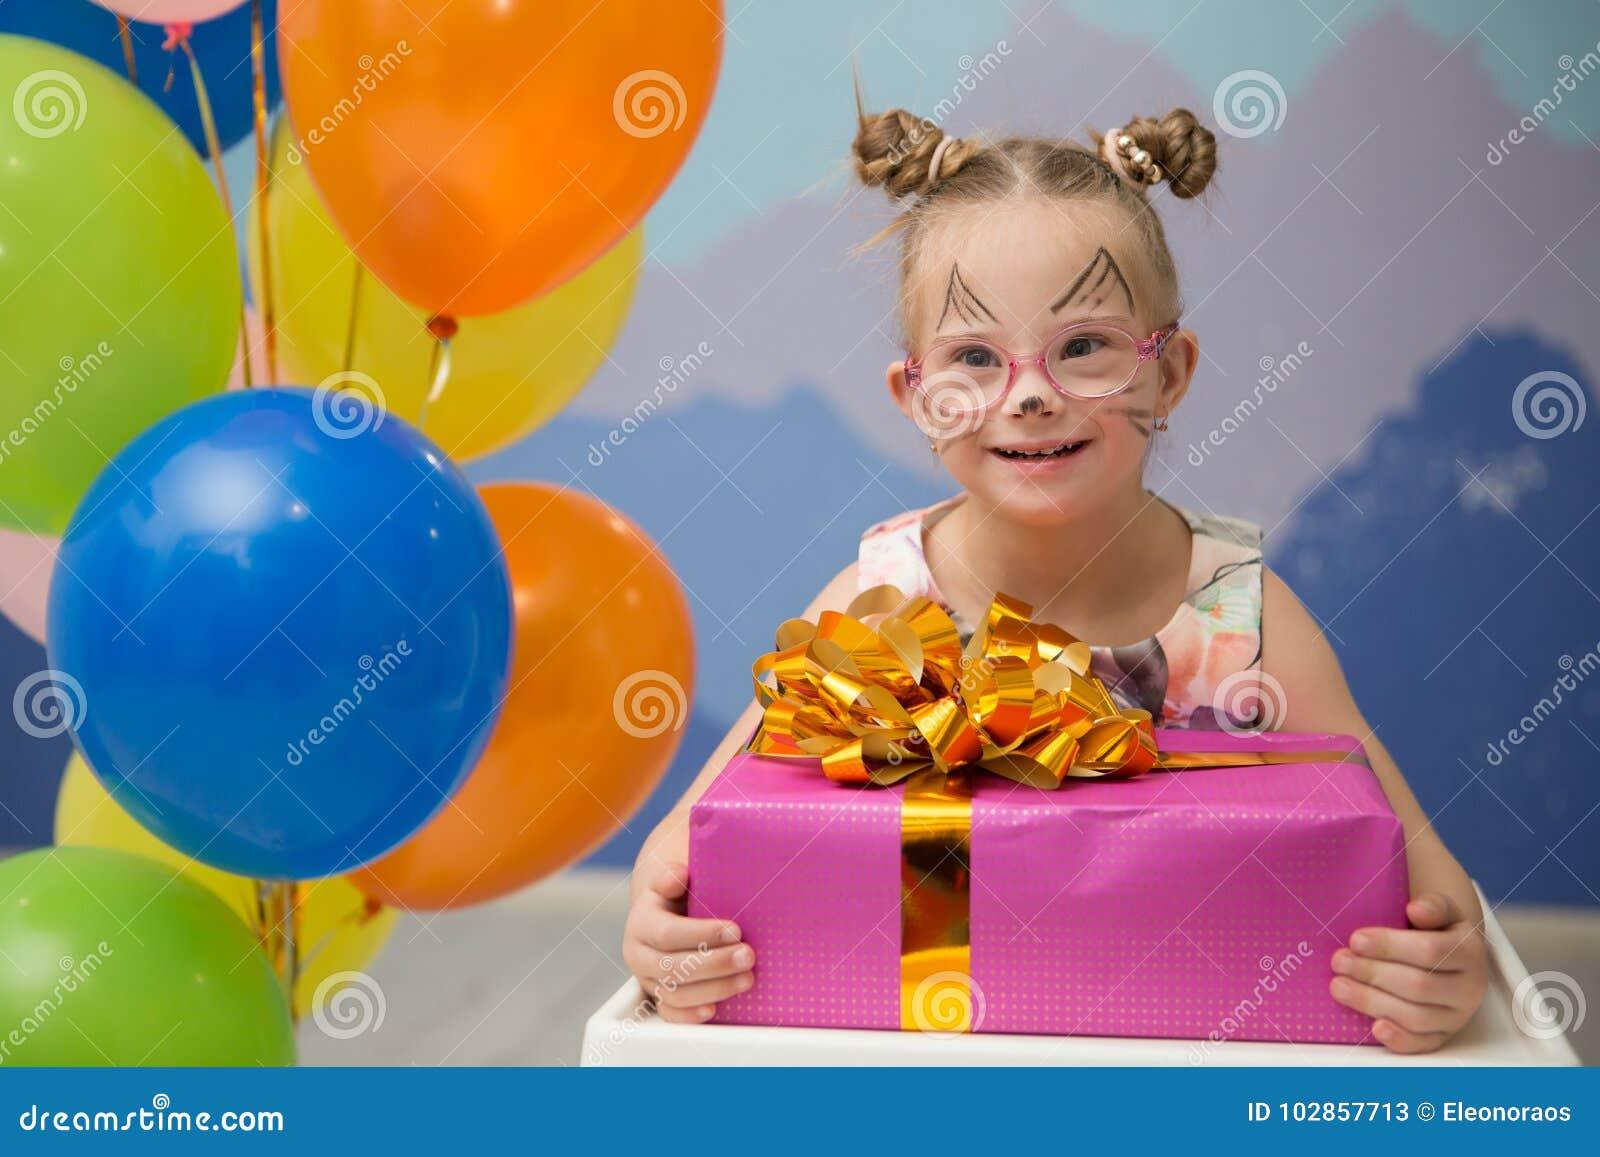 Belle fille avec syndrome de Down avec un cadeau d anniversaire